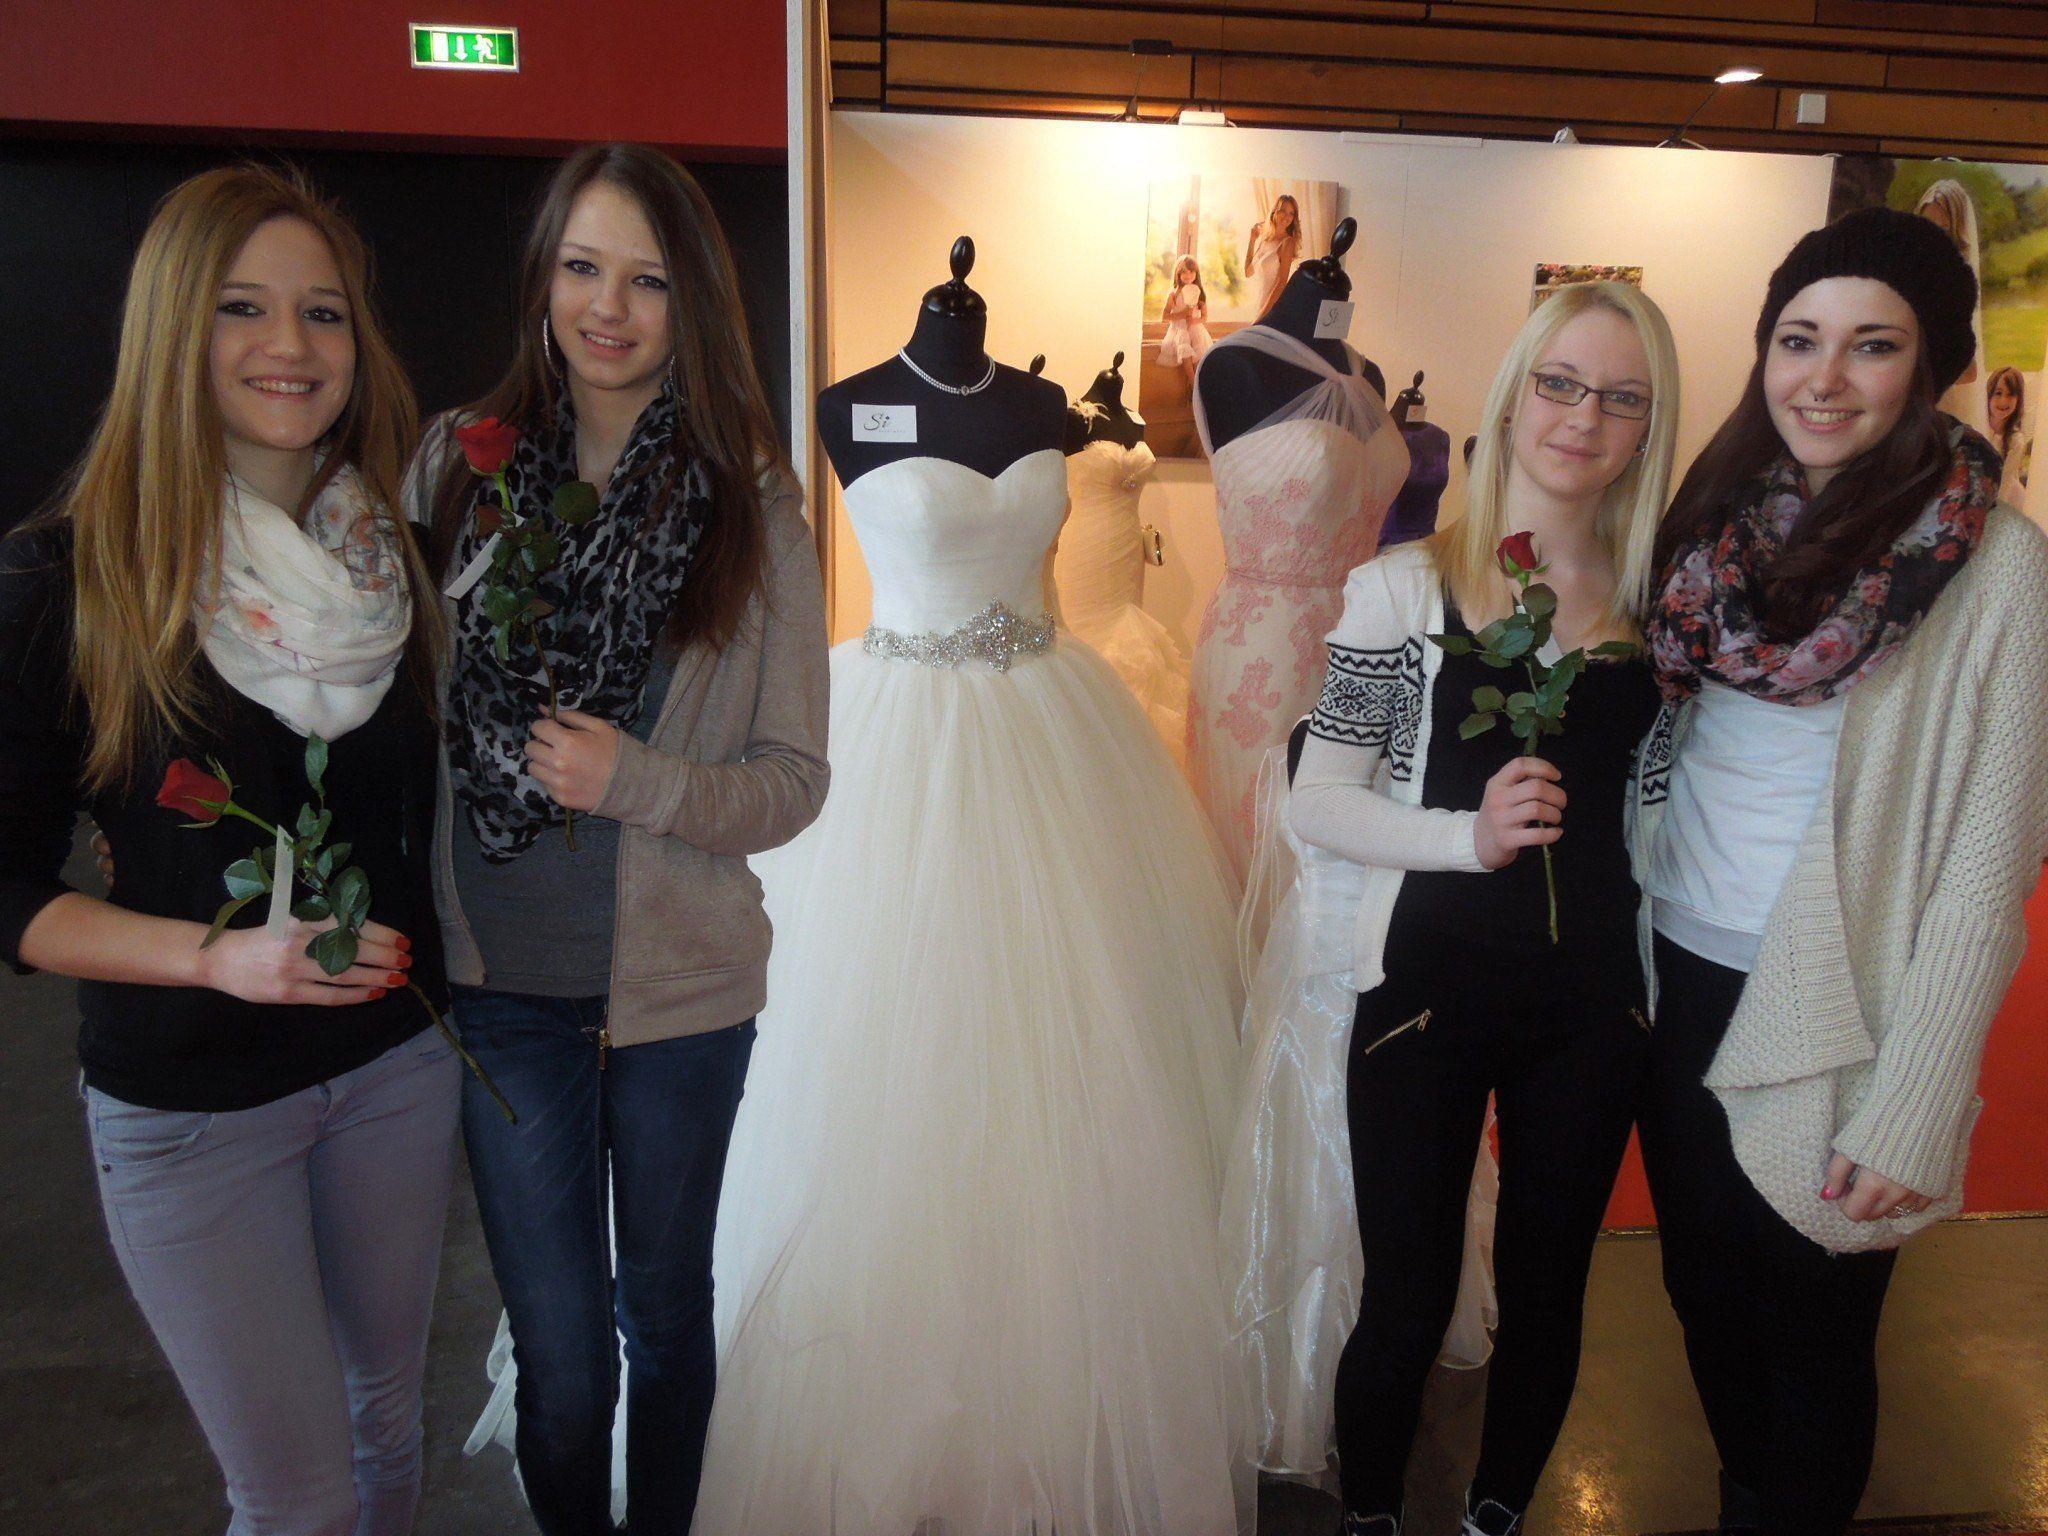 Anna, Sarah, Sandra und Ornella fanden ihr persönliches Traumkleid bei der Hochzeitsmesse vergangenen Sonntag.